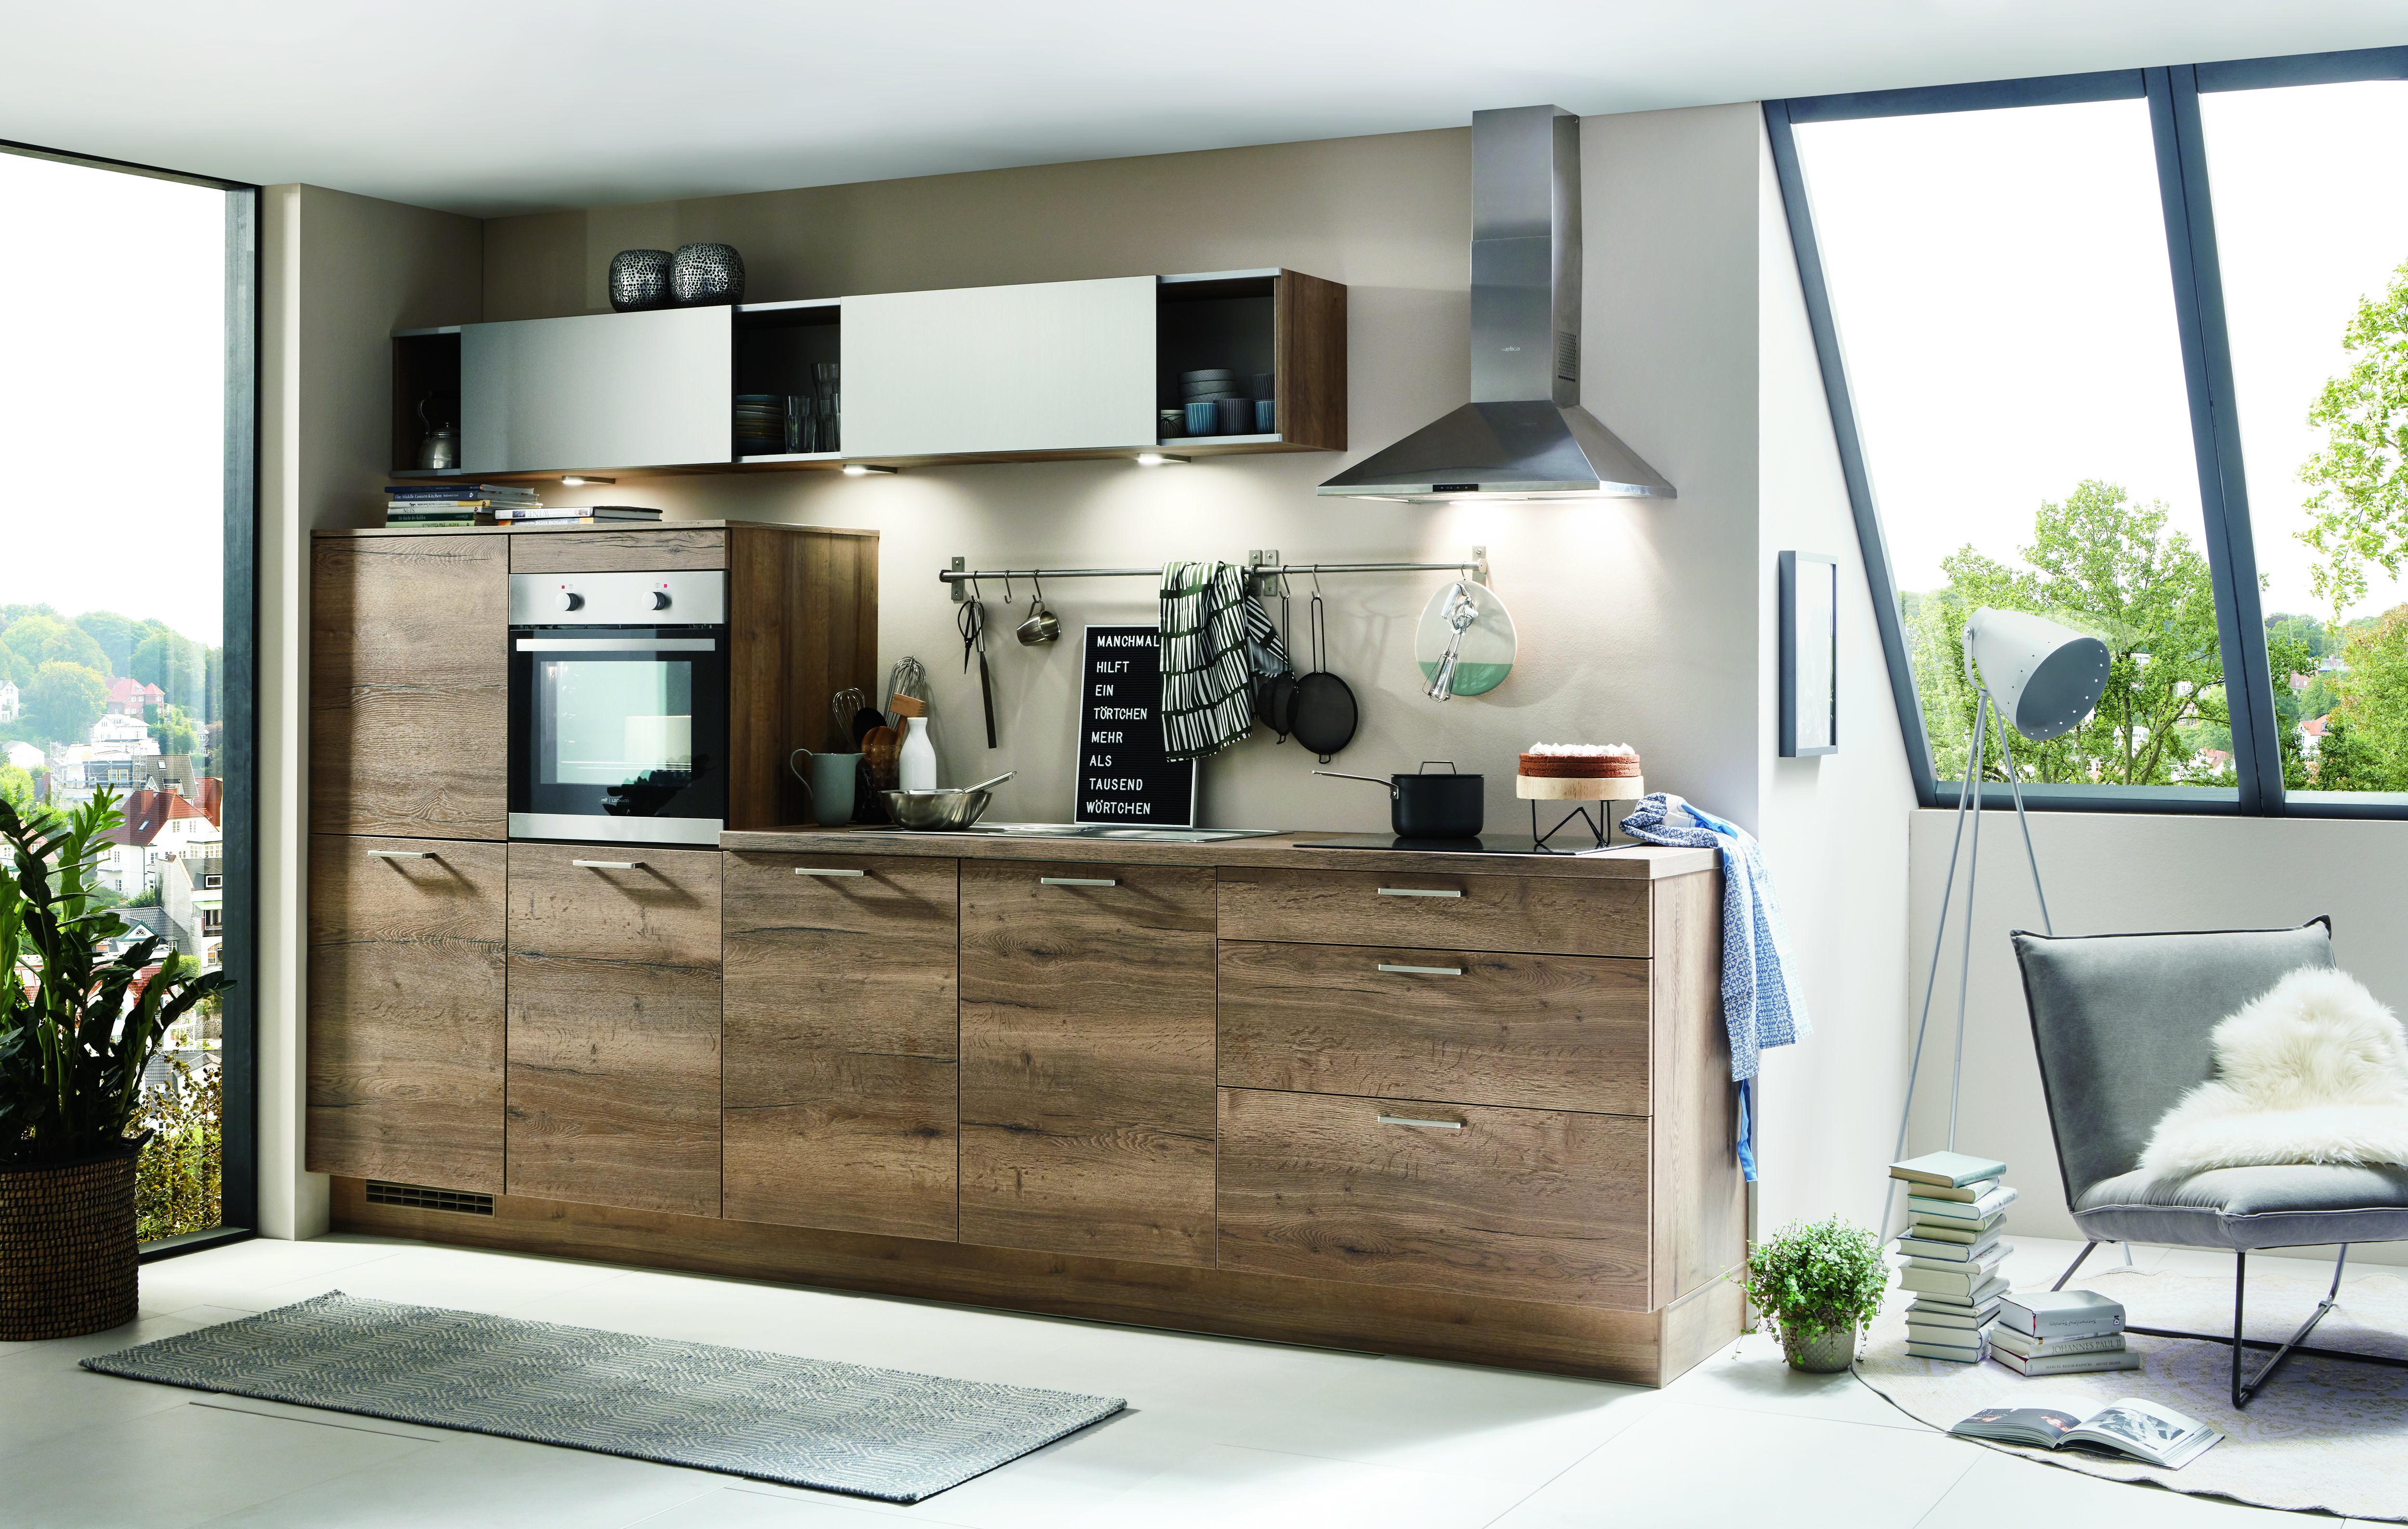 k chenschrank die richtigen k chenm bel finden. Black Bedroom Furniture Sets. Home Design Ideas